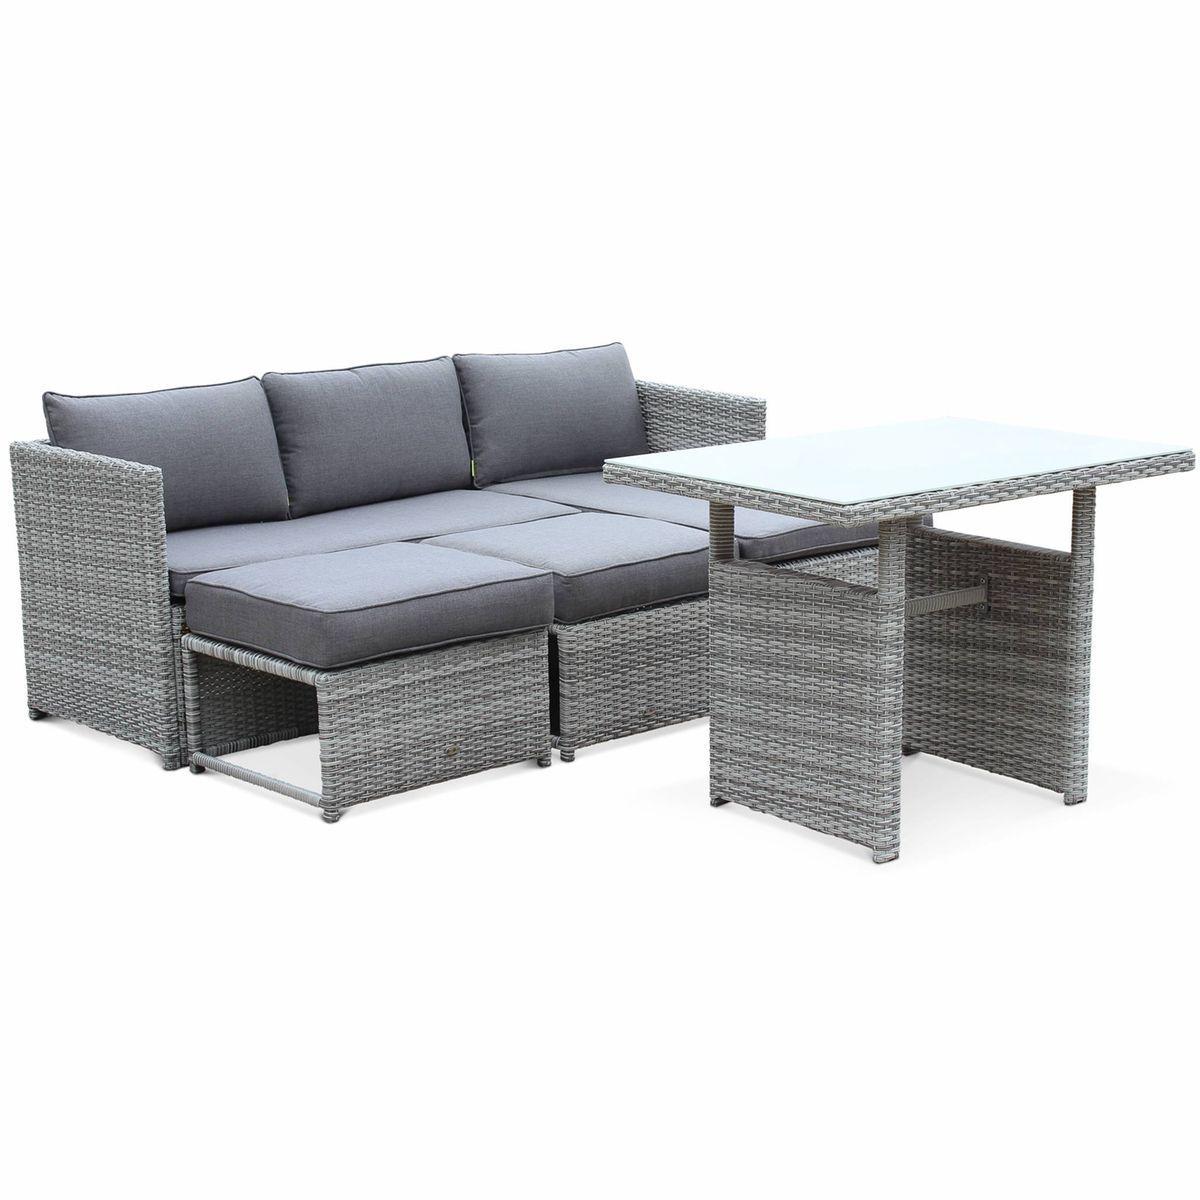 Salon De Jardin 6 Places - Reggiano - Table De Jardin Avec ... dedans Table De Jardin Aluminium Jardiland